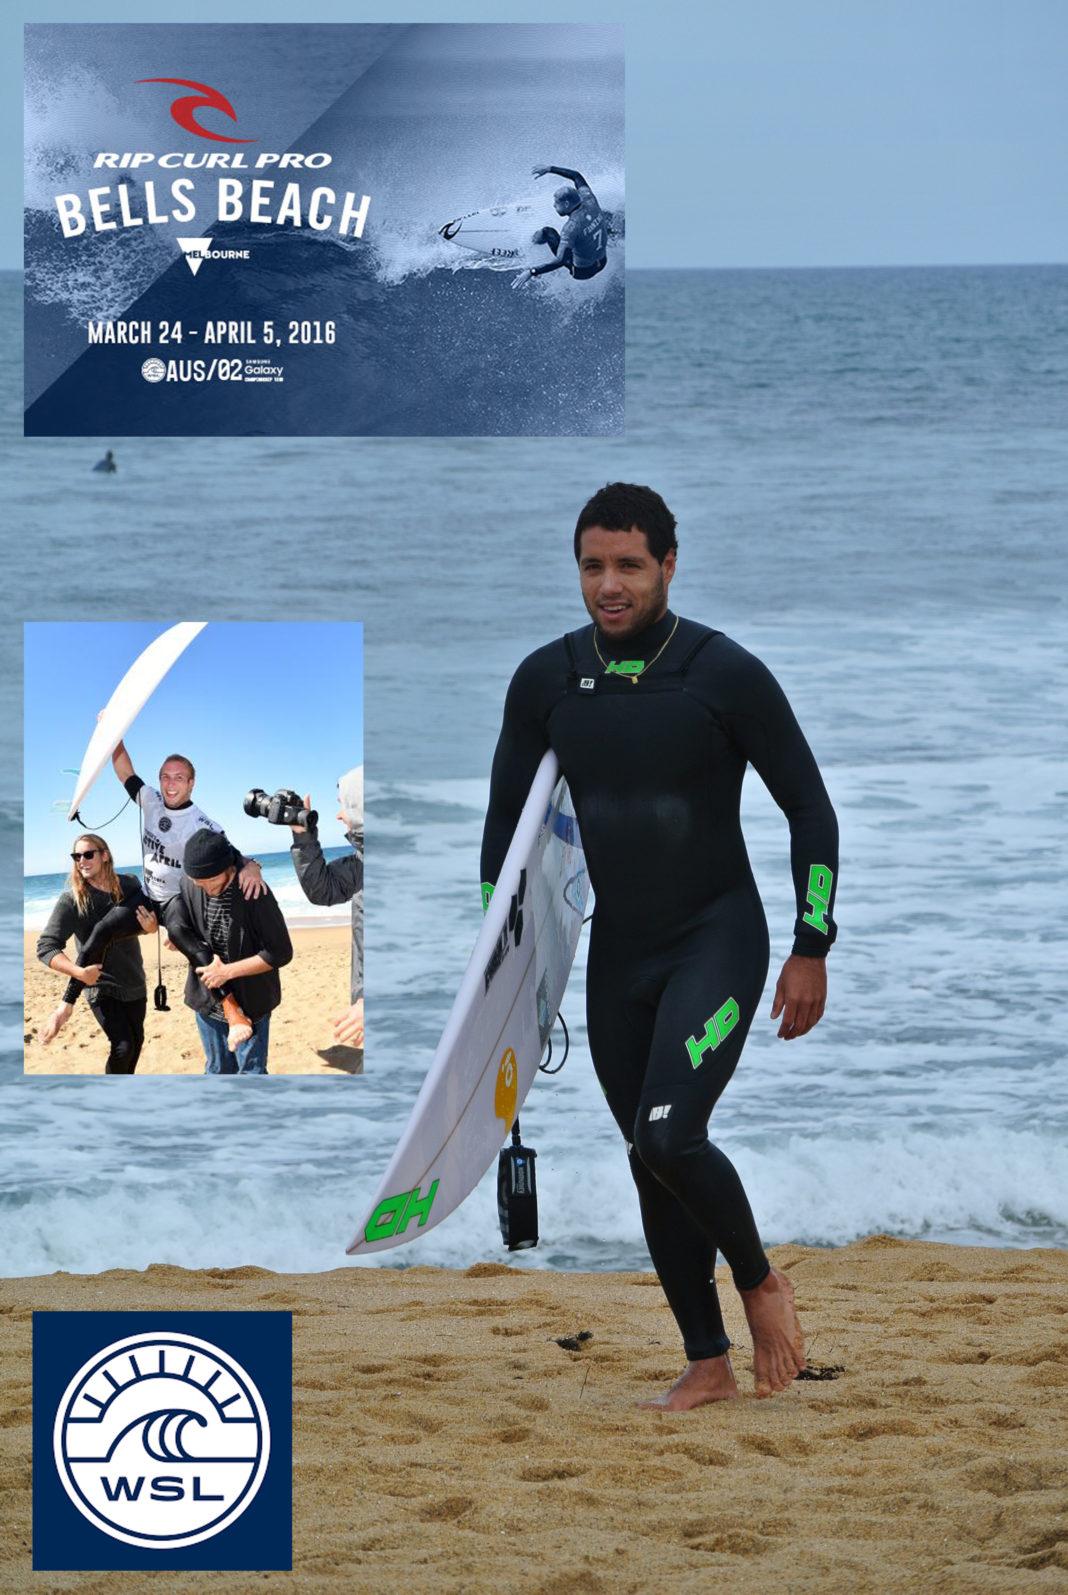 WSL World Surfing League